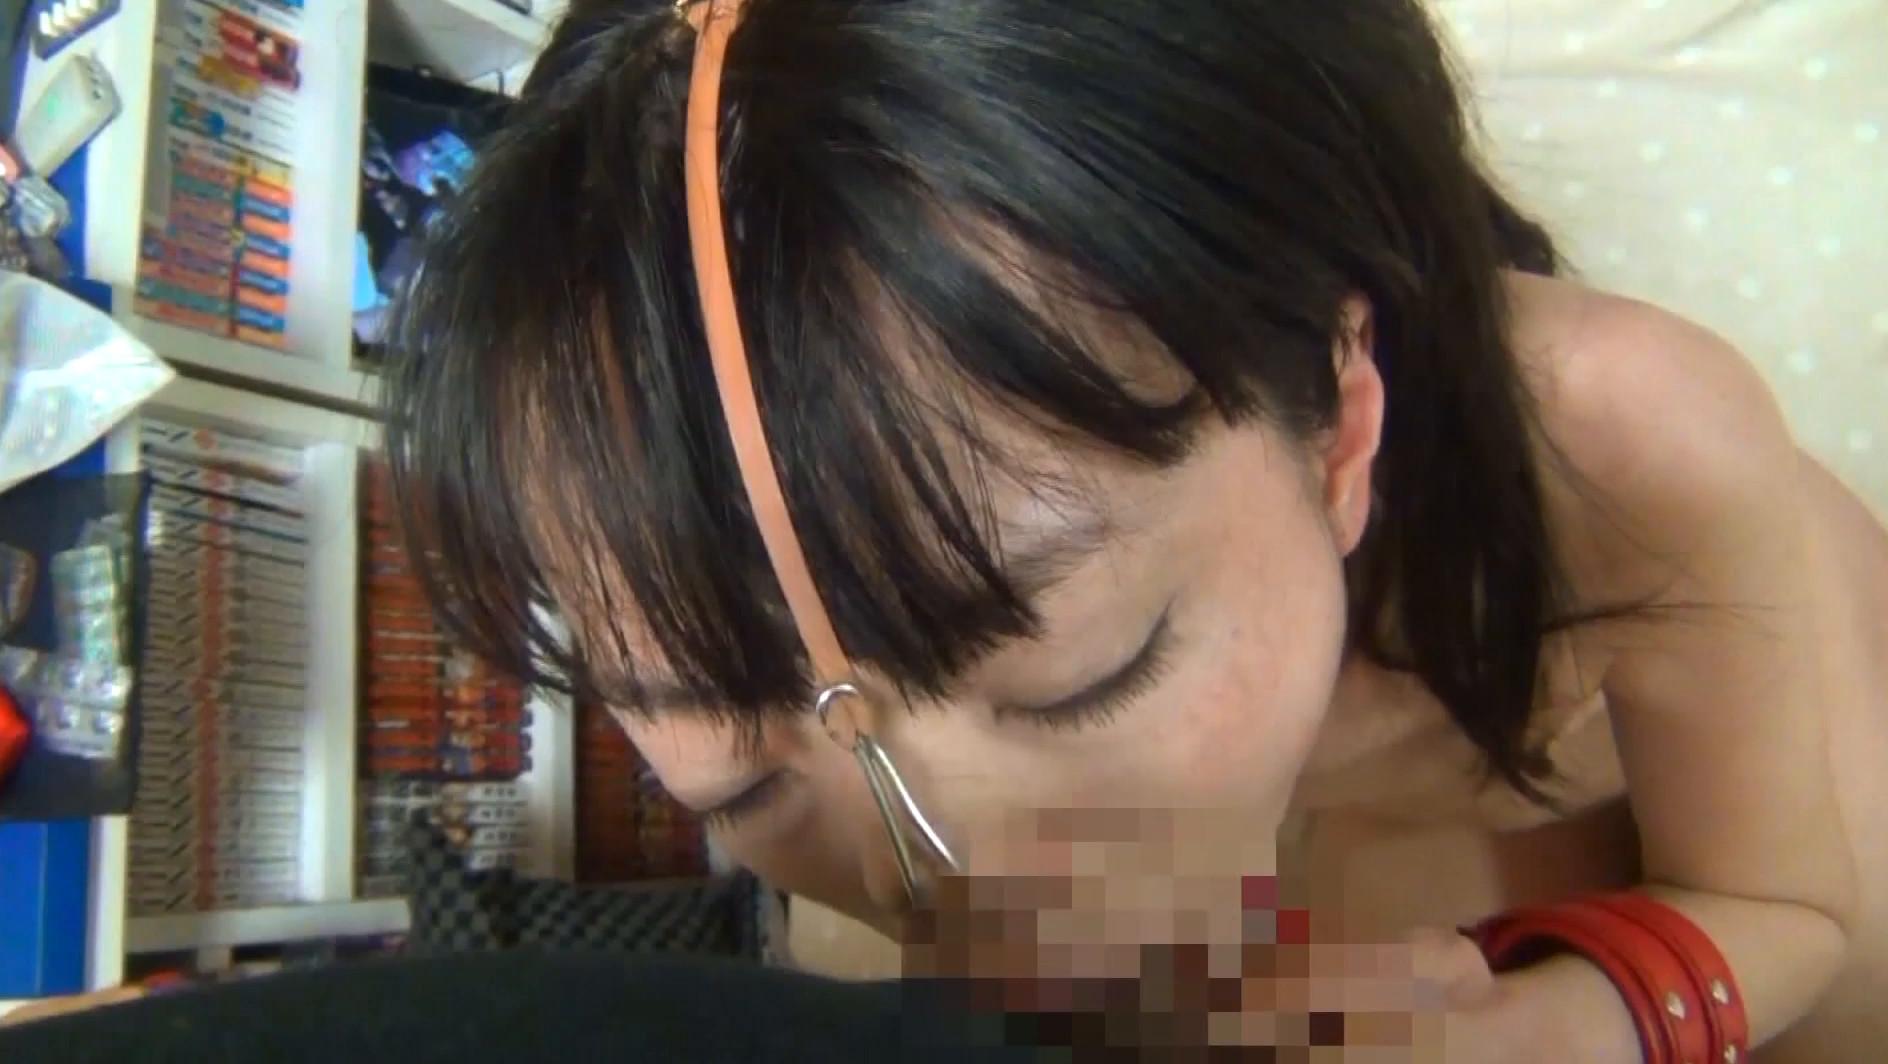 拘束!飲尿!アナル!軽い気持ちで応募してきた女たちが肉便器に堕ちるまでの完全なる調教記録 画像18